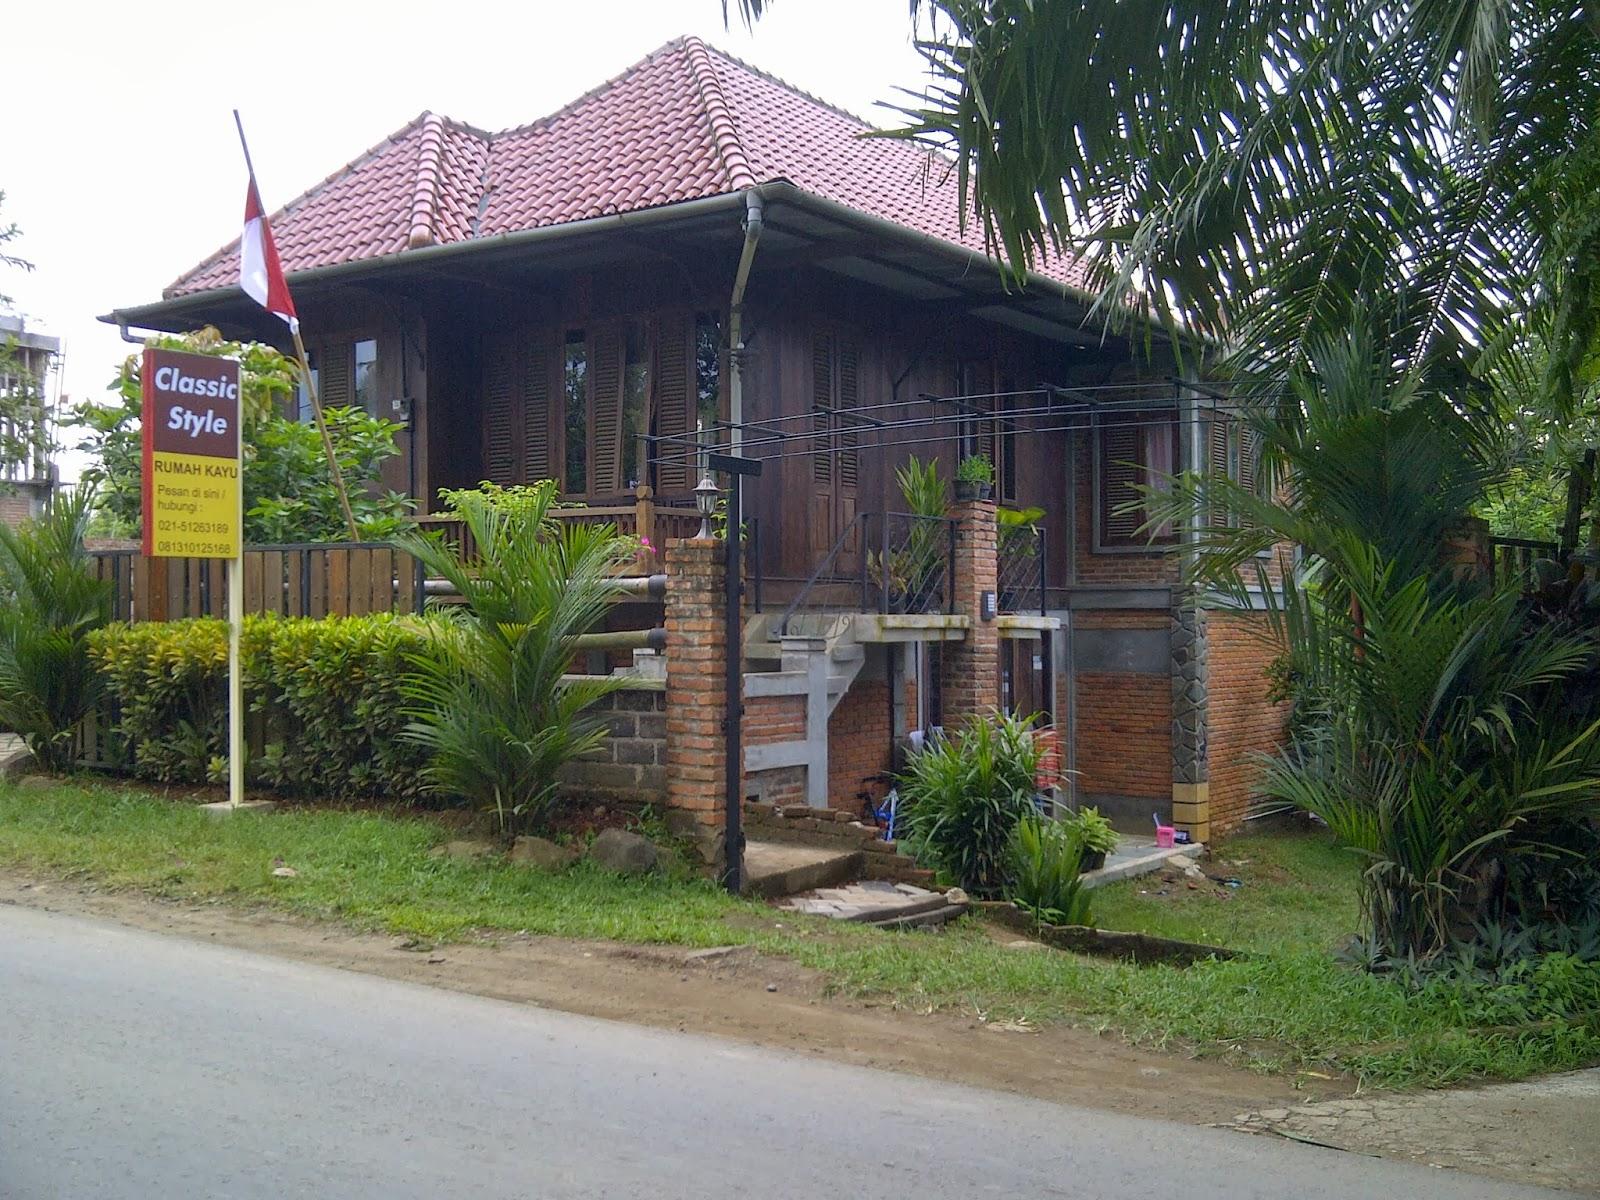 Rumah Kayu Klasik & Rumah Kayu Klasik: Menjual Rumah kayu tradisional